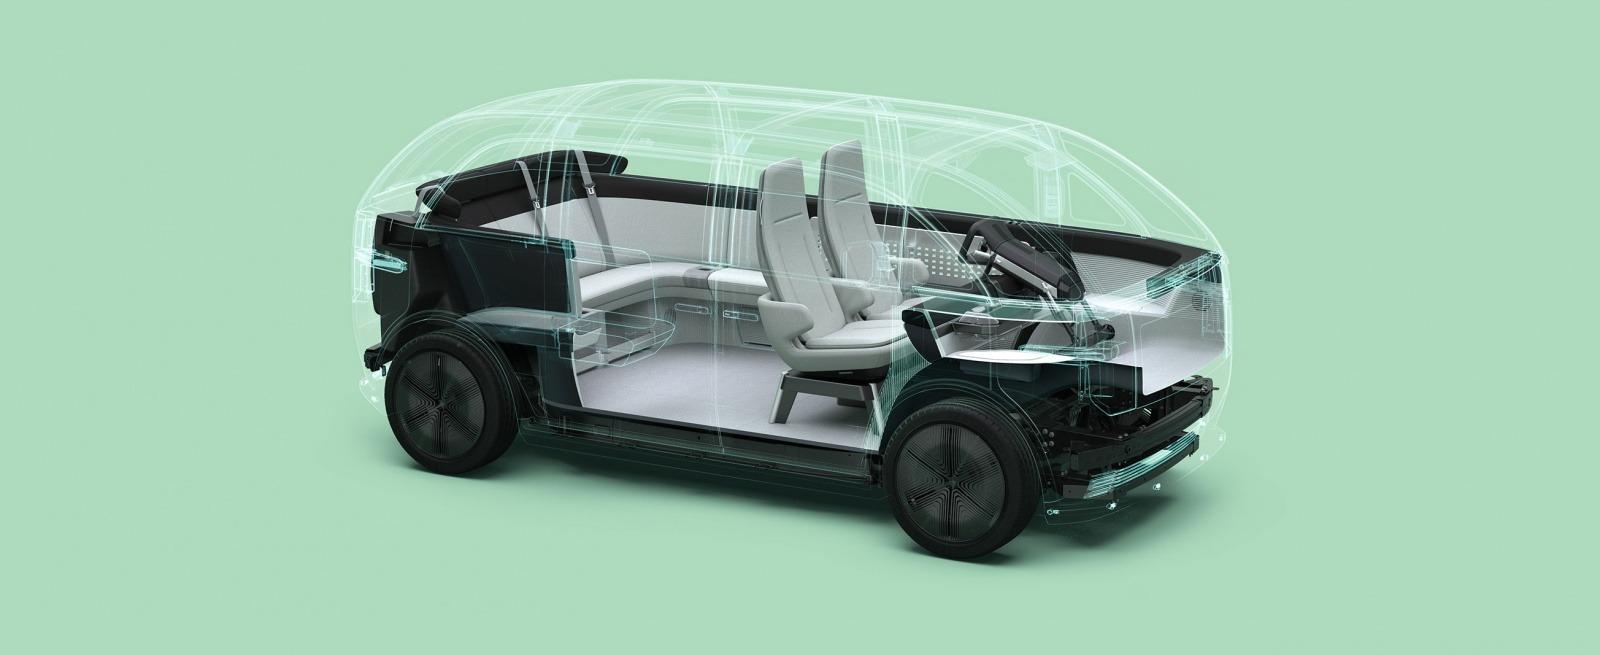 Exame Informática | Os veículos elétricos futuristas da Canoo já podem ser r ...